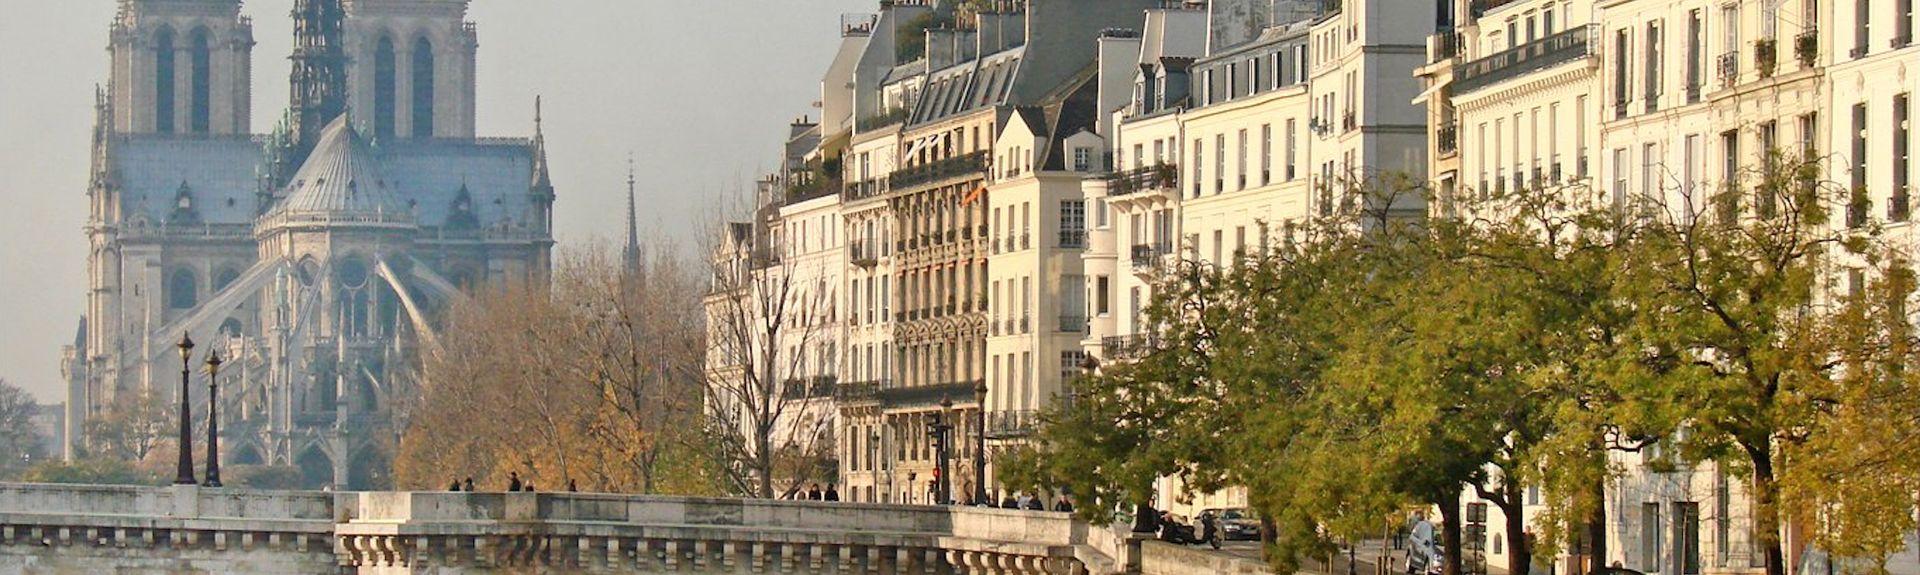 Quartier de l'Horloge, Παρίσι, Ιλ ντε Φρανς, Γαλλία